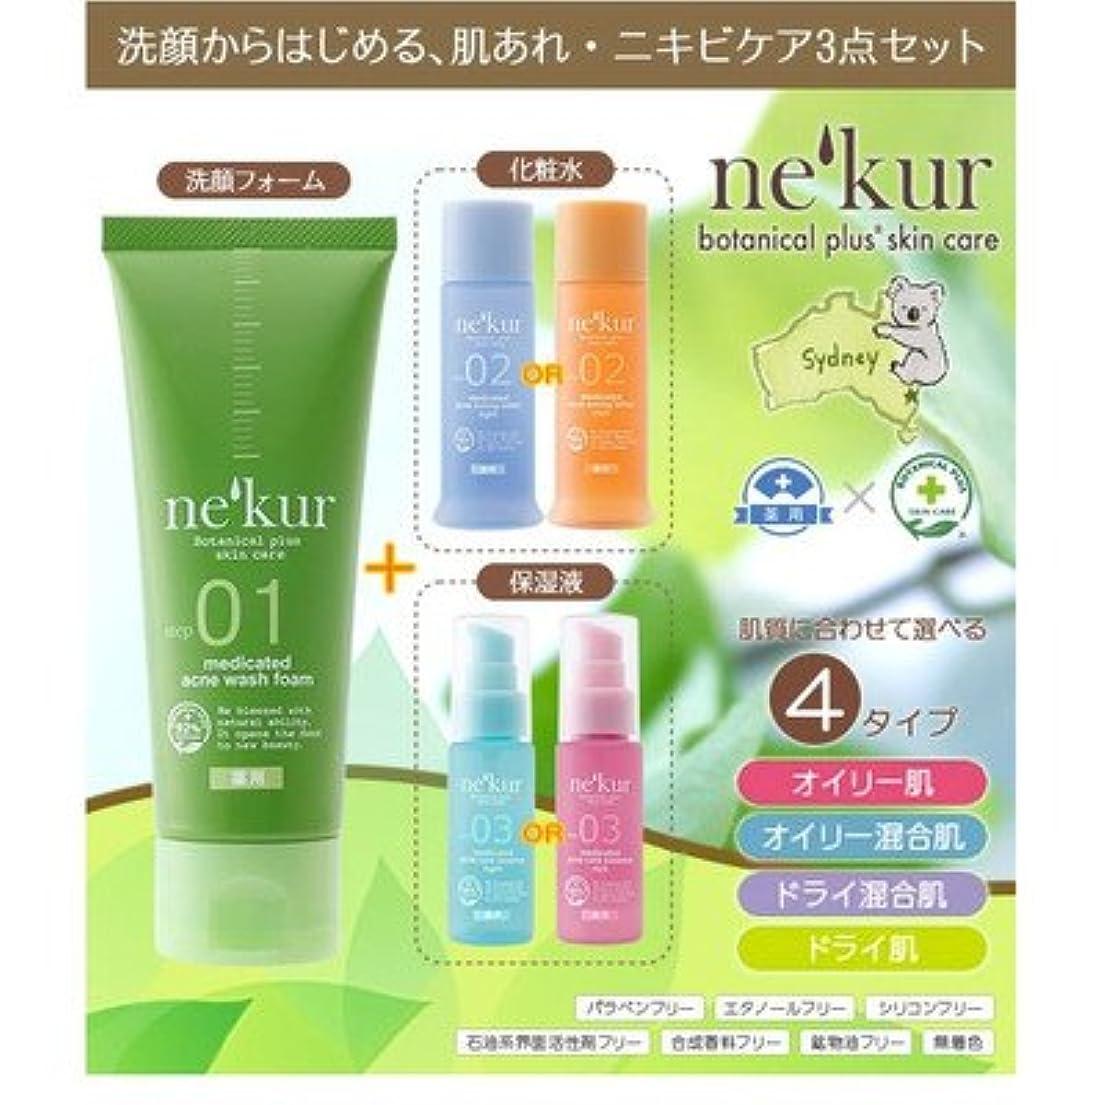 病的編集する男ネクア(nekur) ボタニカルプラススキンケア 薬用アクネ洗顔3点セット ドライ肌セット( 画像はイメージ画像です お届けの商品はドライ肌セットのみとなります)